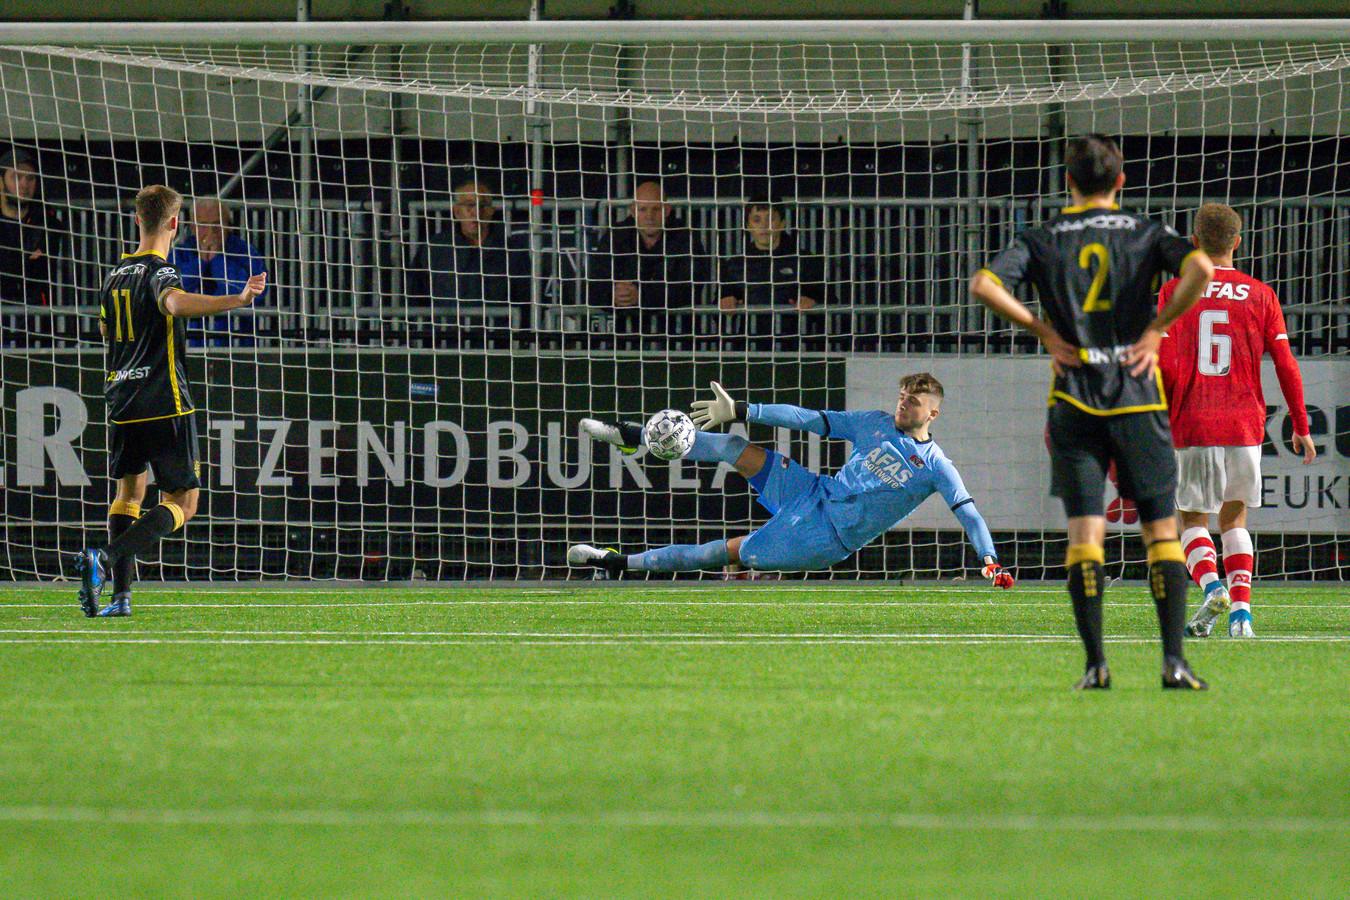 Bij een 1-1 tussenstand mist aanvoerder Danny Verbeek van FC Den Bosch een penalty. AZ-doelman Rody de Boer brengt redding. In de slotfase stopt de Bossche goalie Wouter van der Steen een strafschop van Ferdy Druijf.